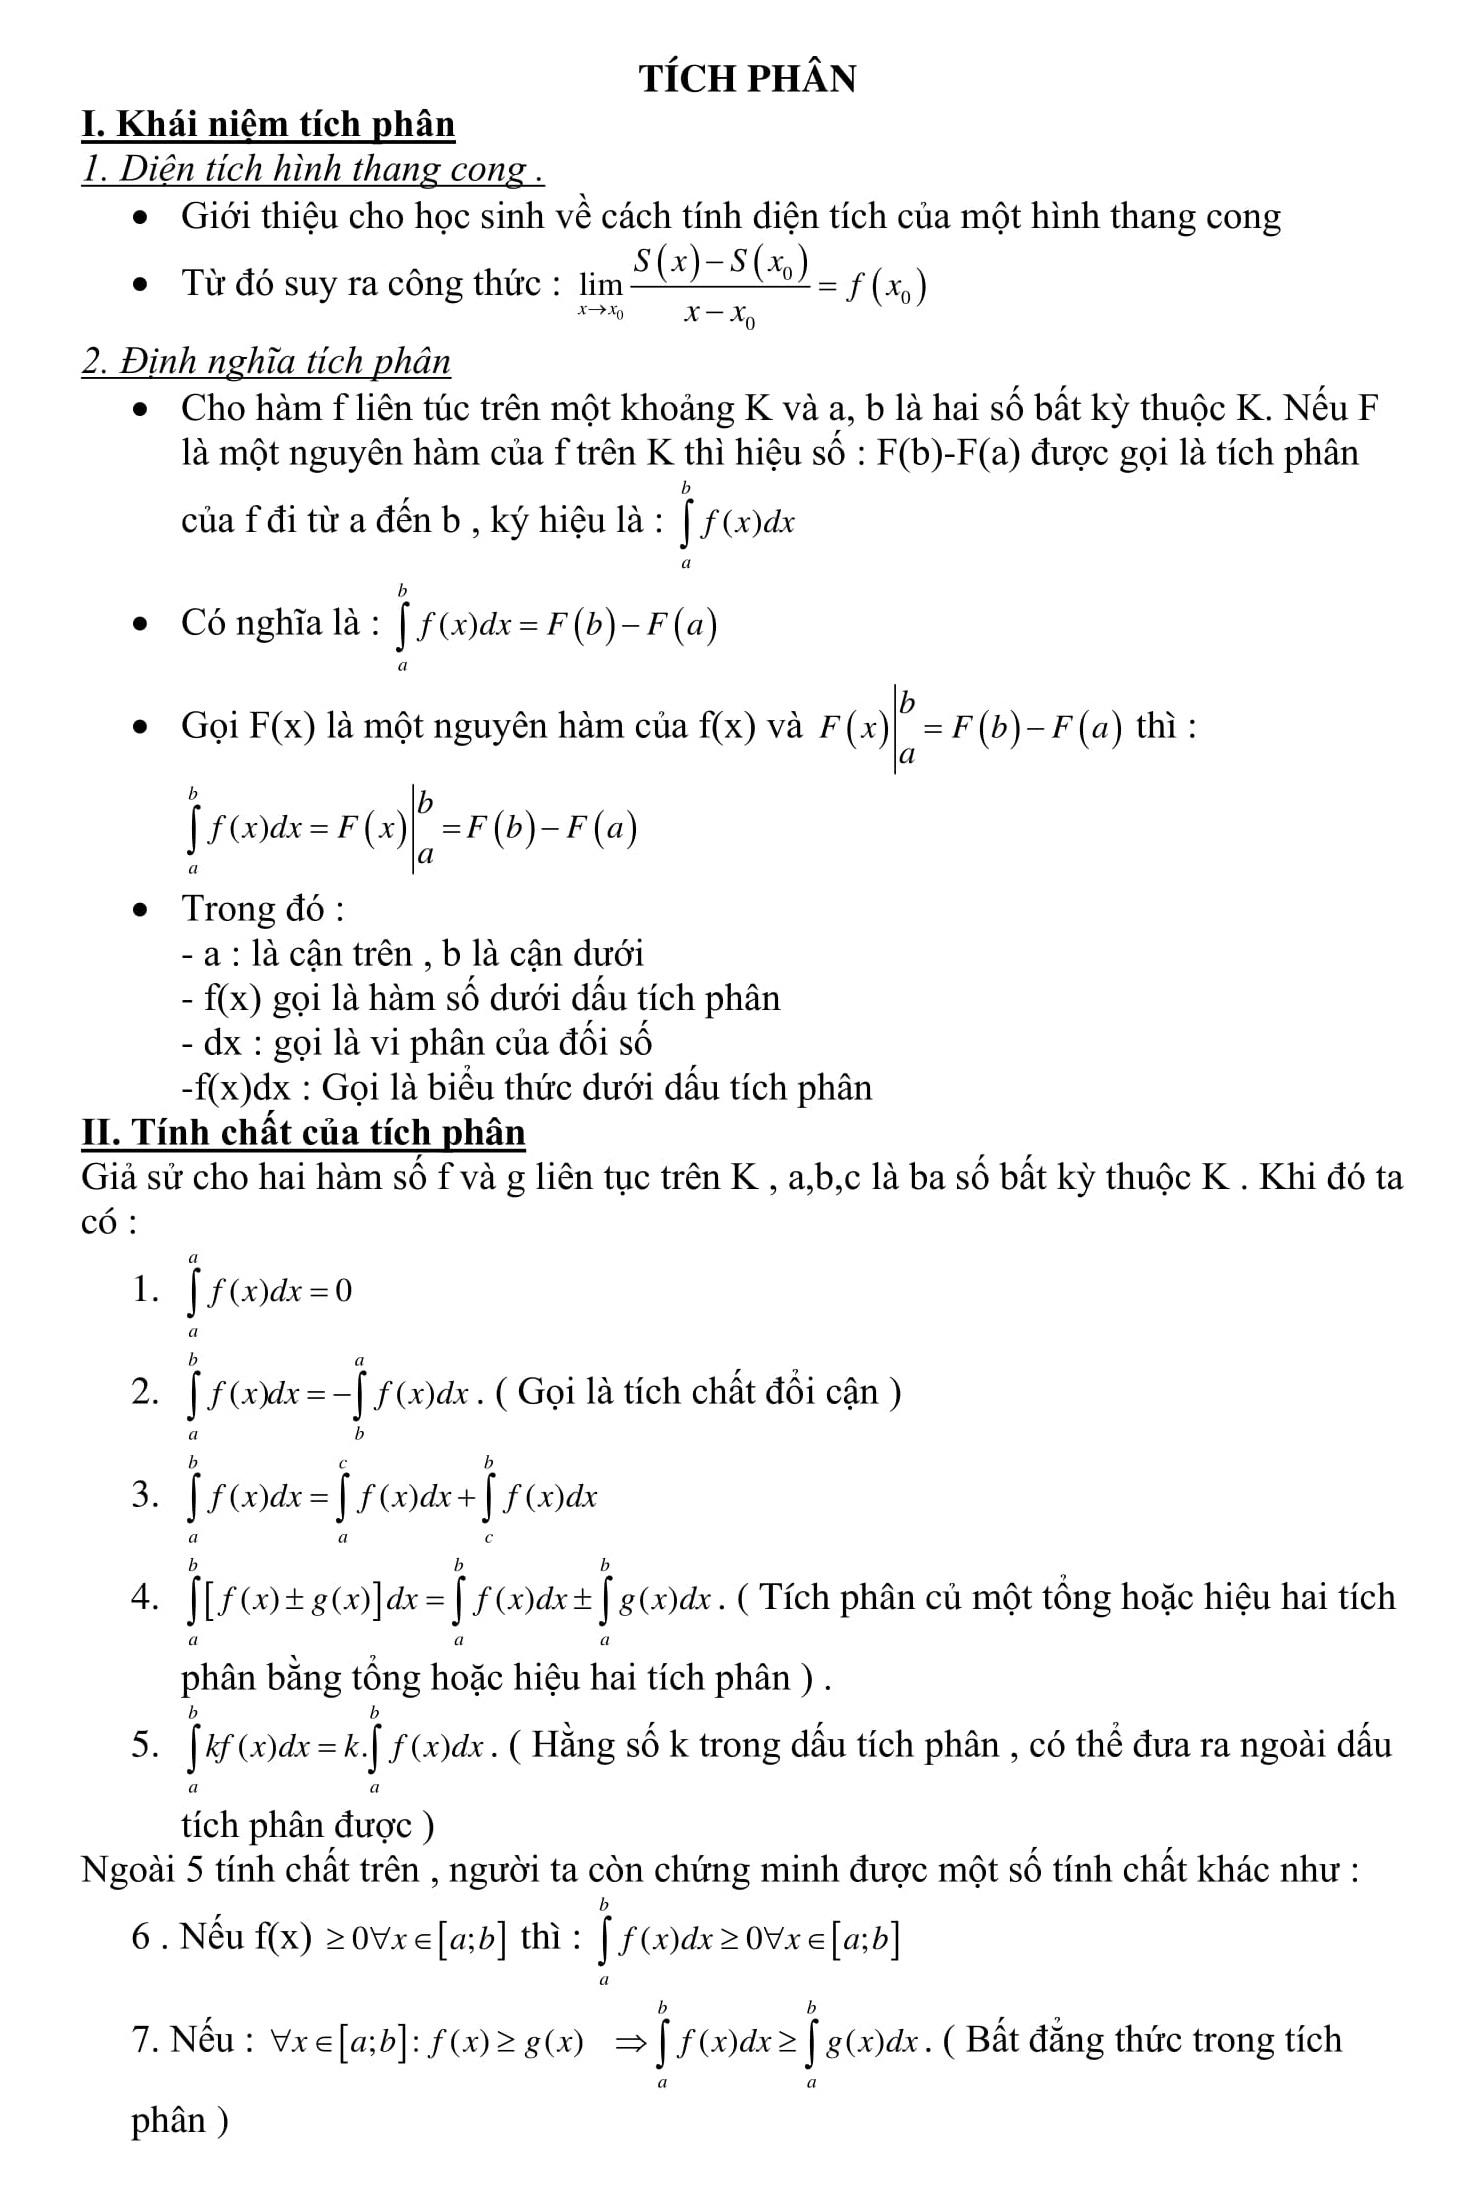 Phân dạng các bài toán tích phân - Toán 12 chương 3